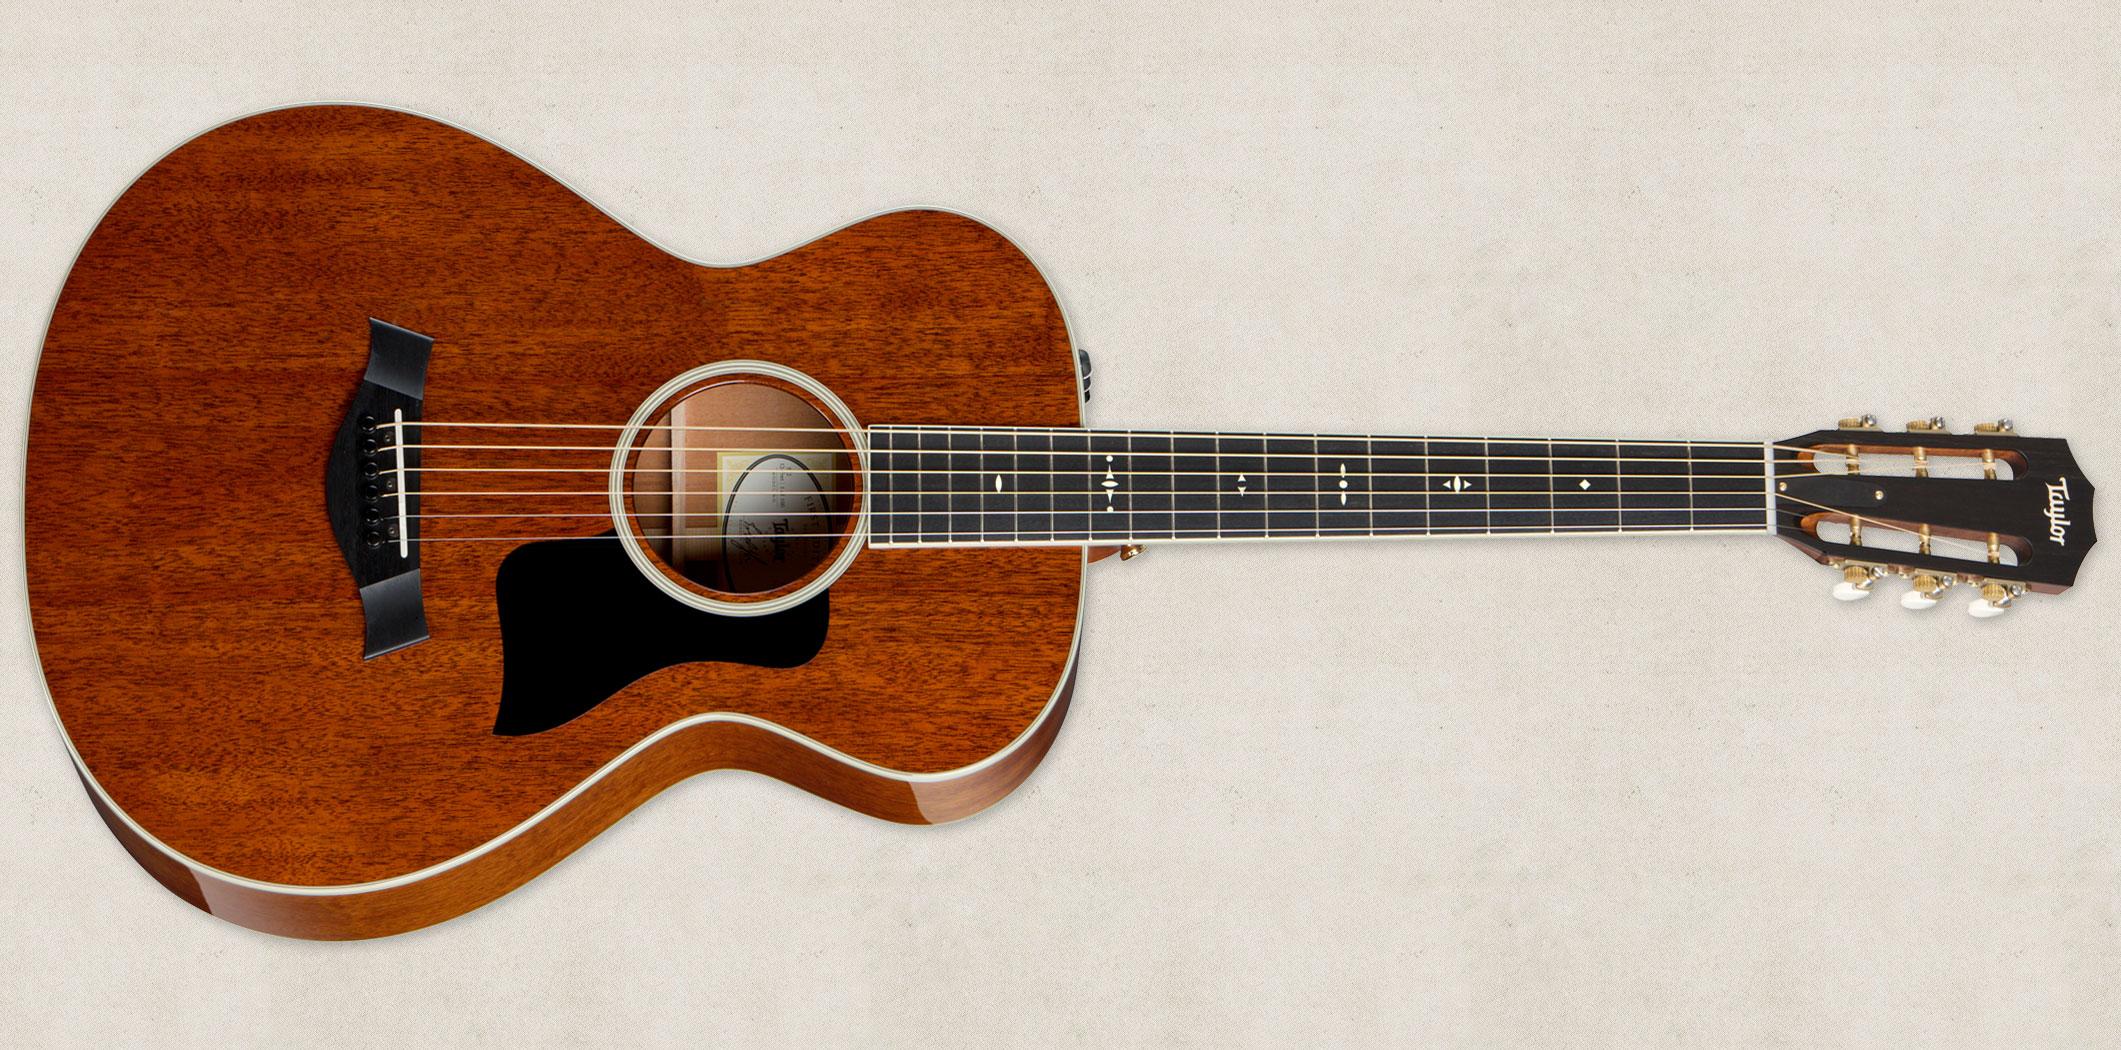 522e 12 fret taylor guitars. Black Bedroom Furniture Sets. Home Design Ideas